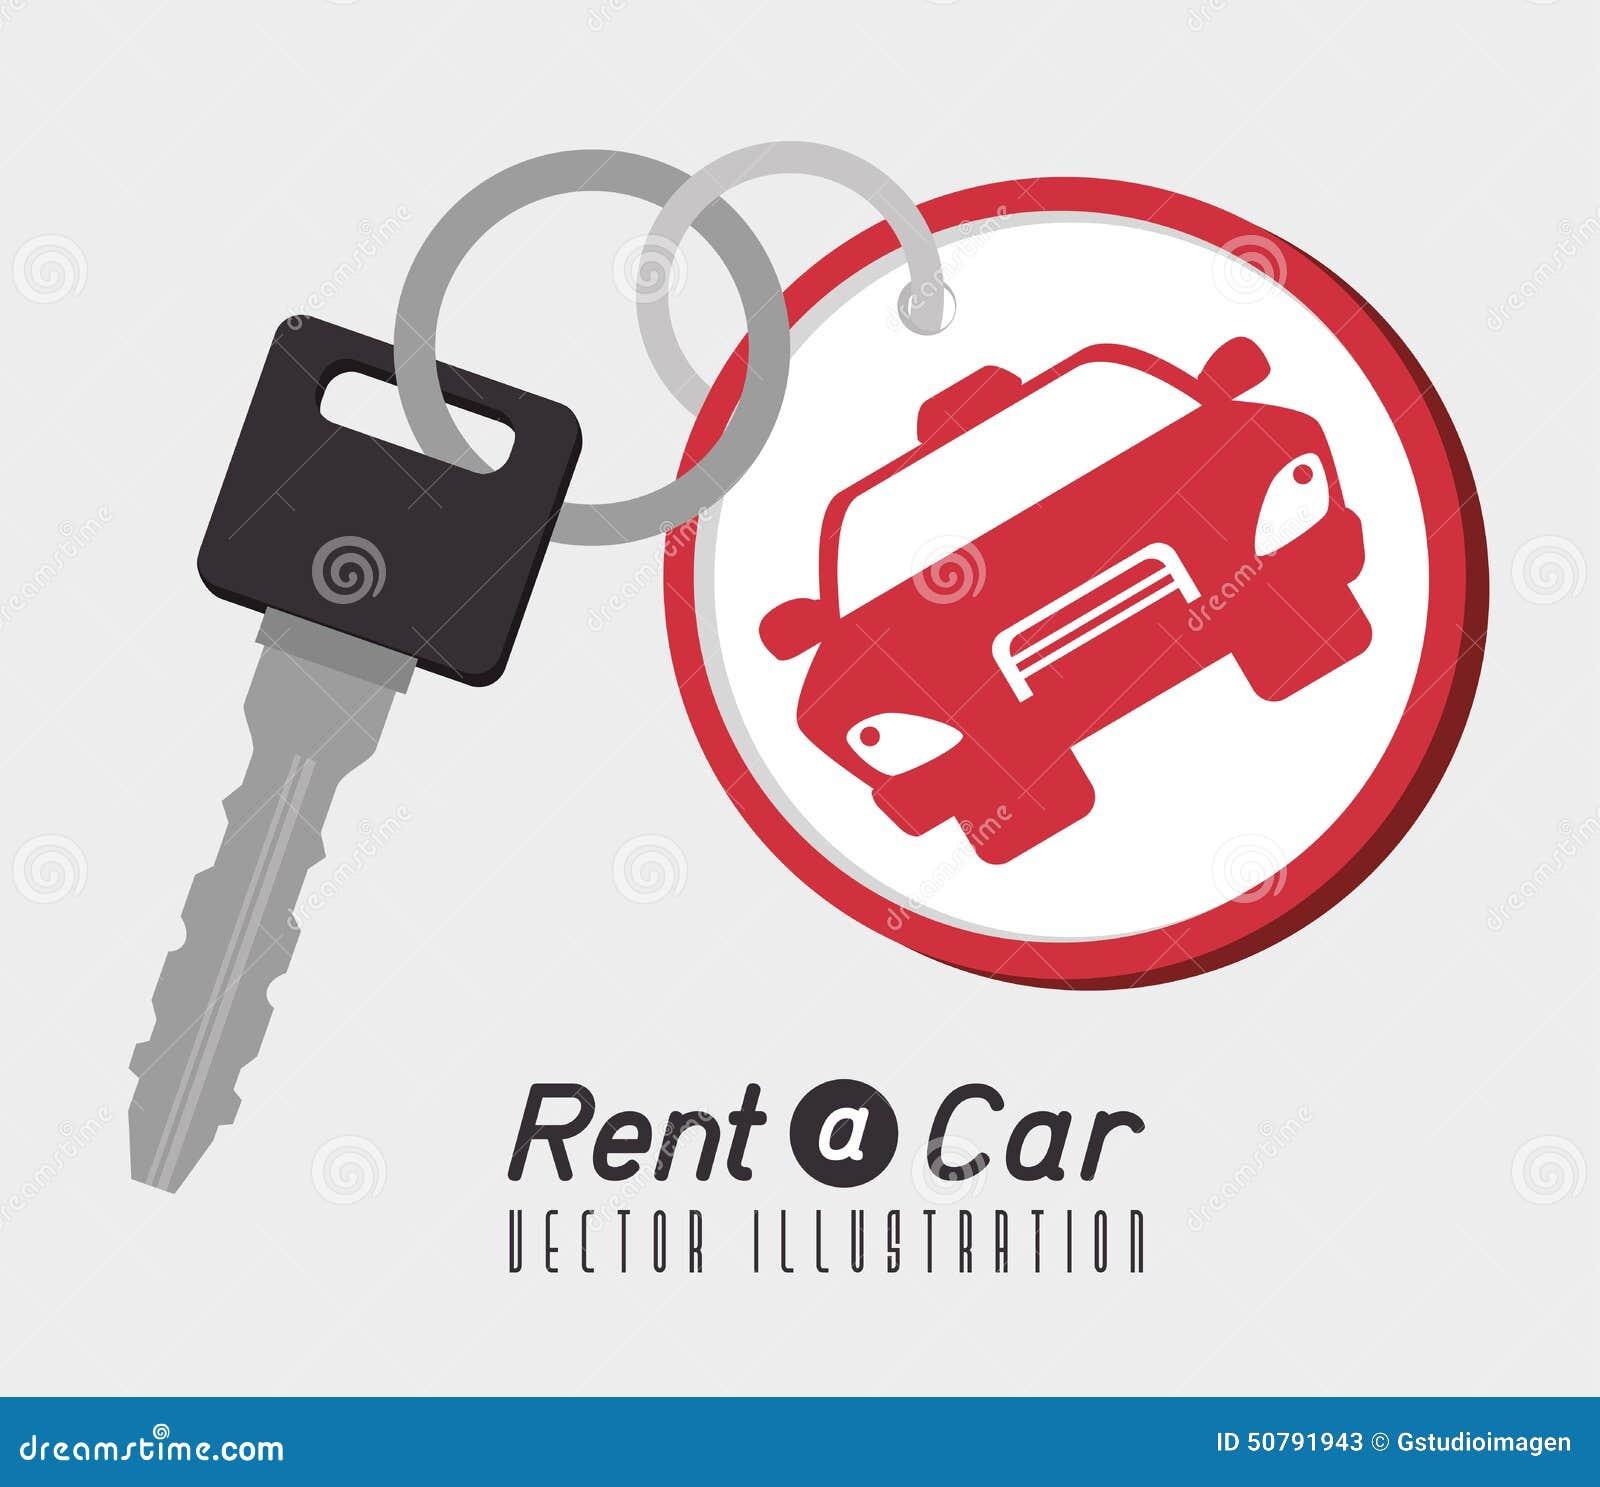 All Auto Rent A Car